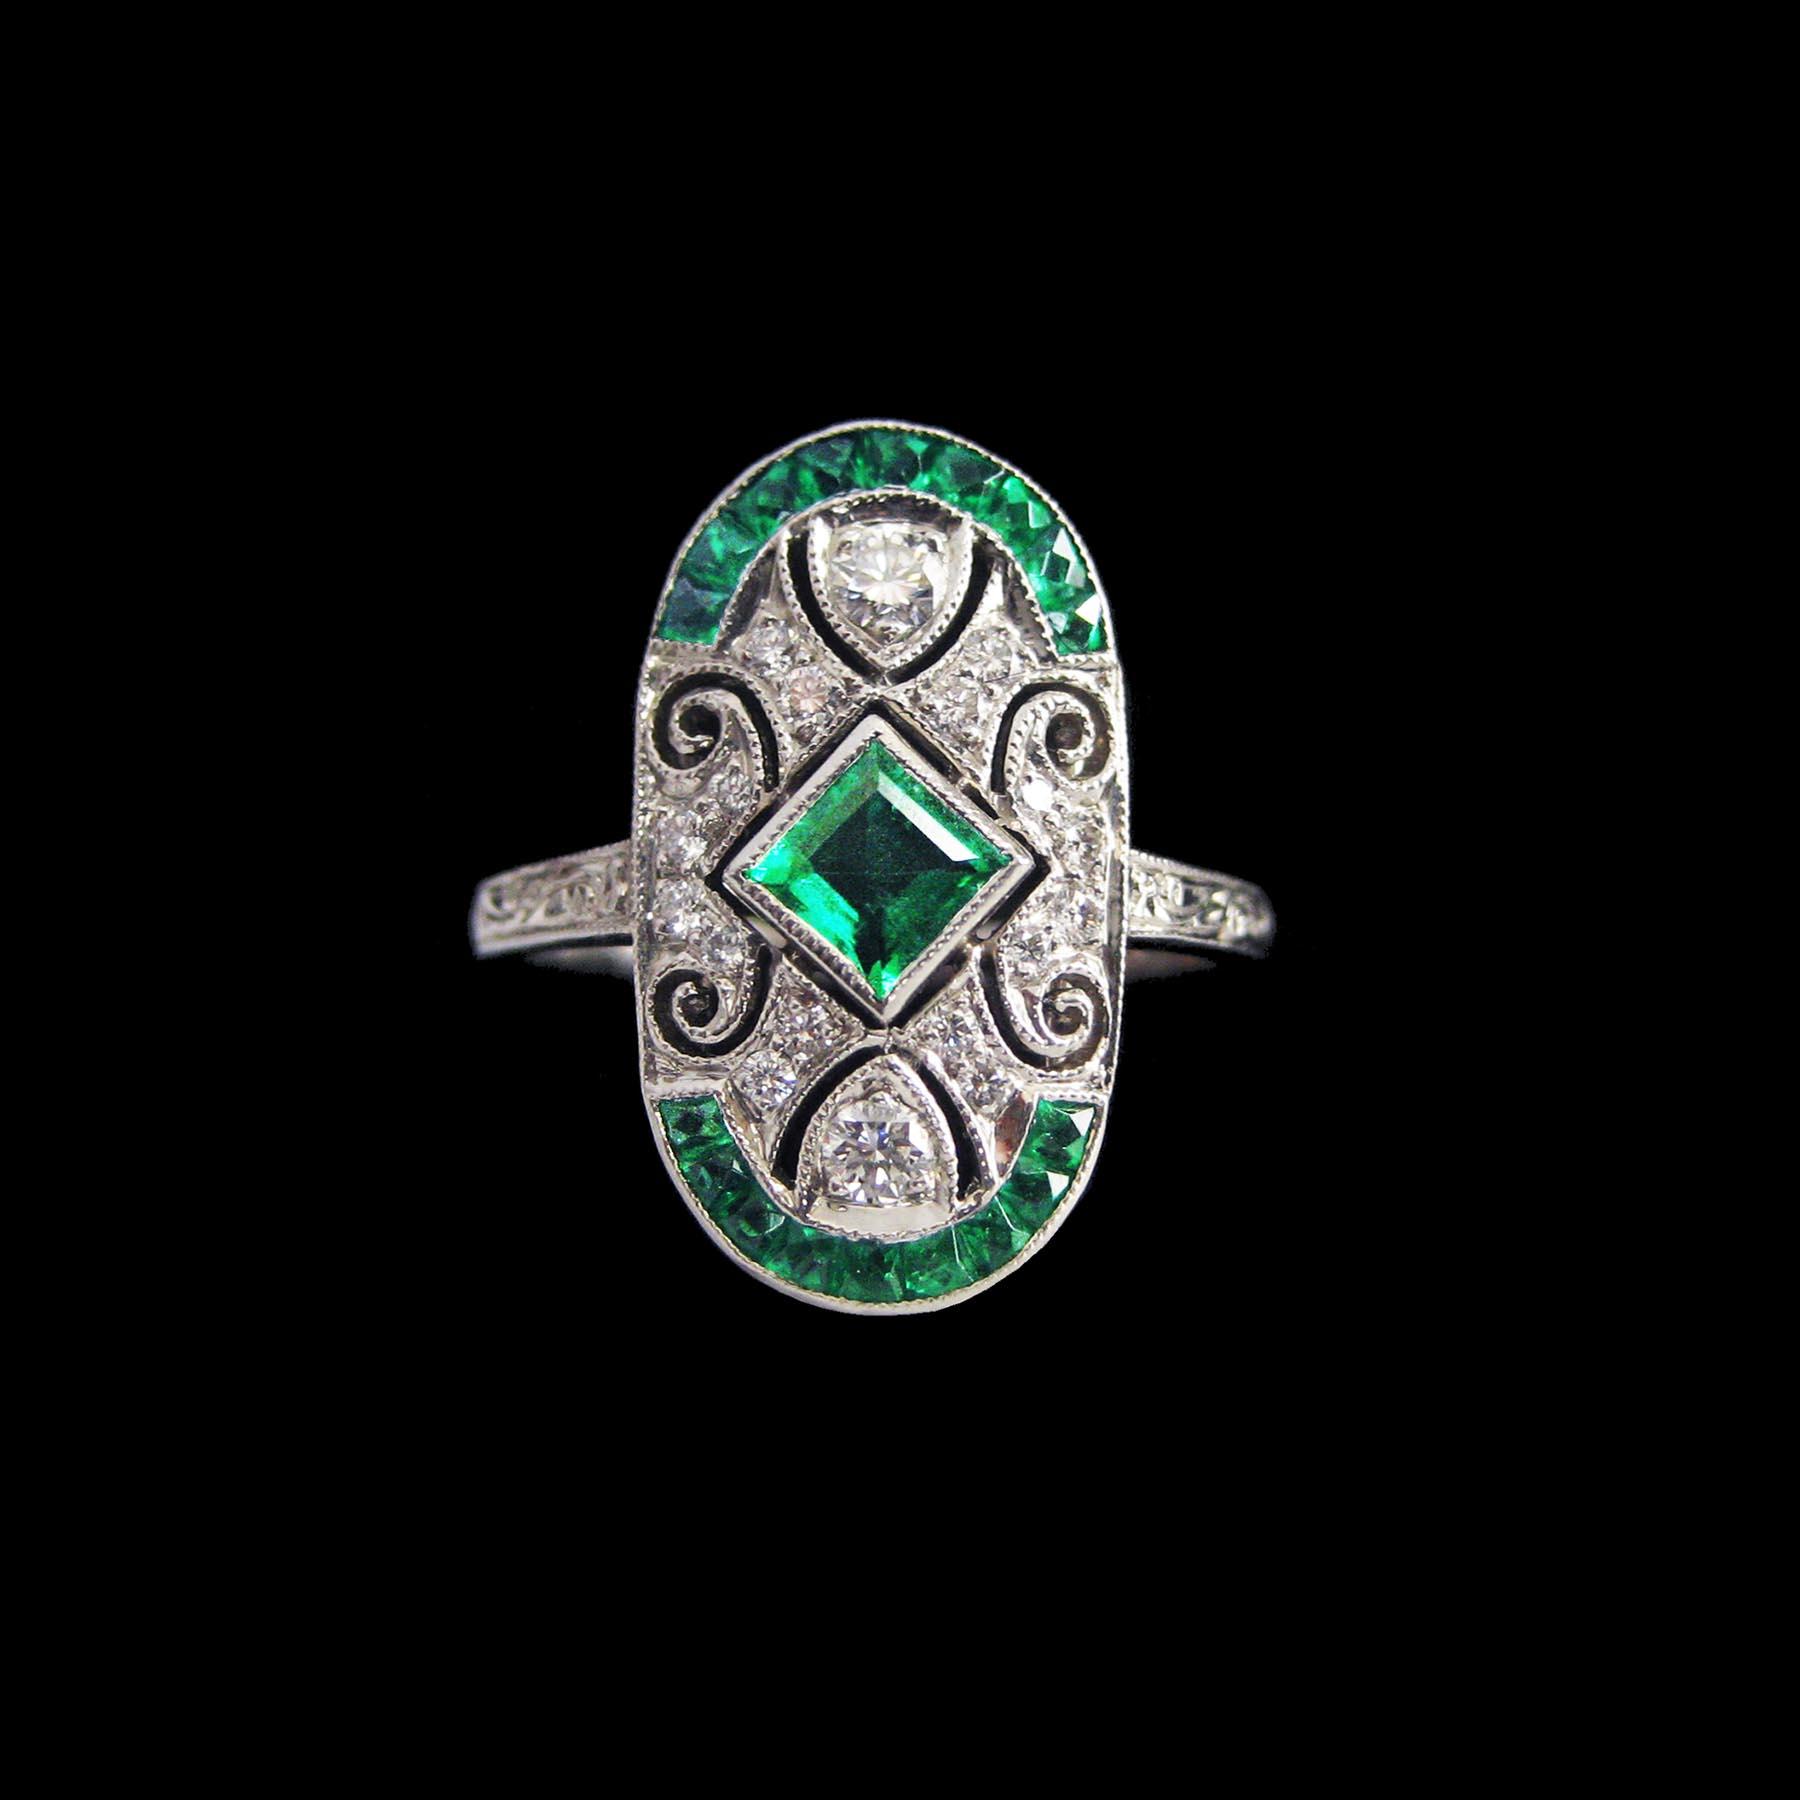 エメラルド ダイヤモンド ヴァンクリフ&アーペル 透かし彫金プラチナアンティークリング